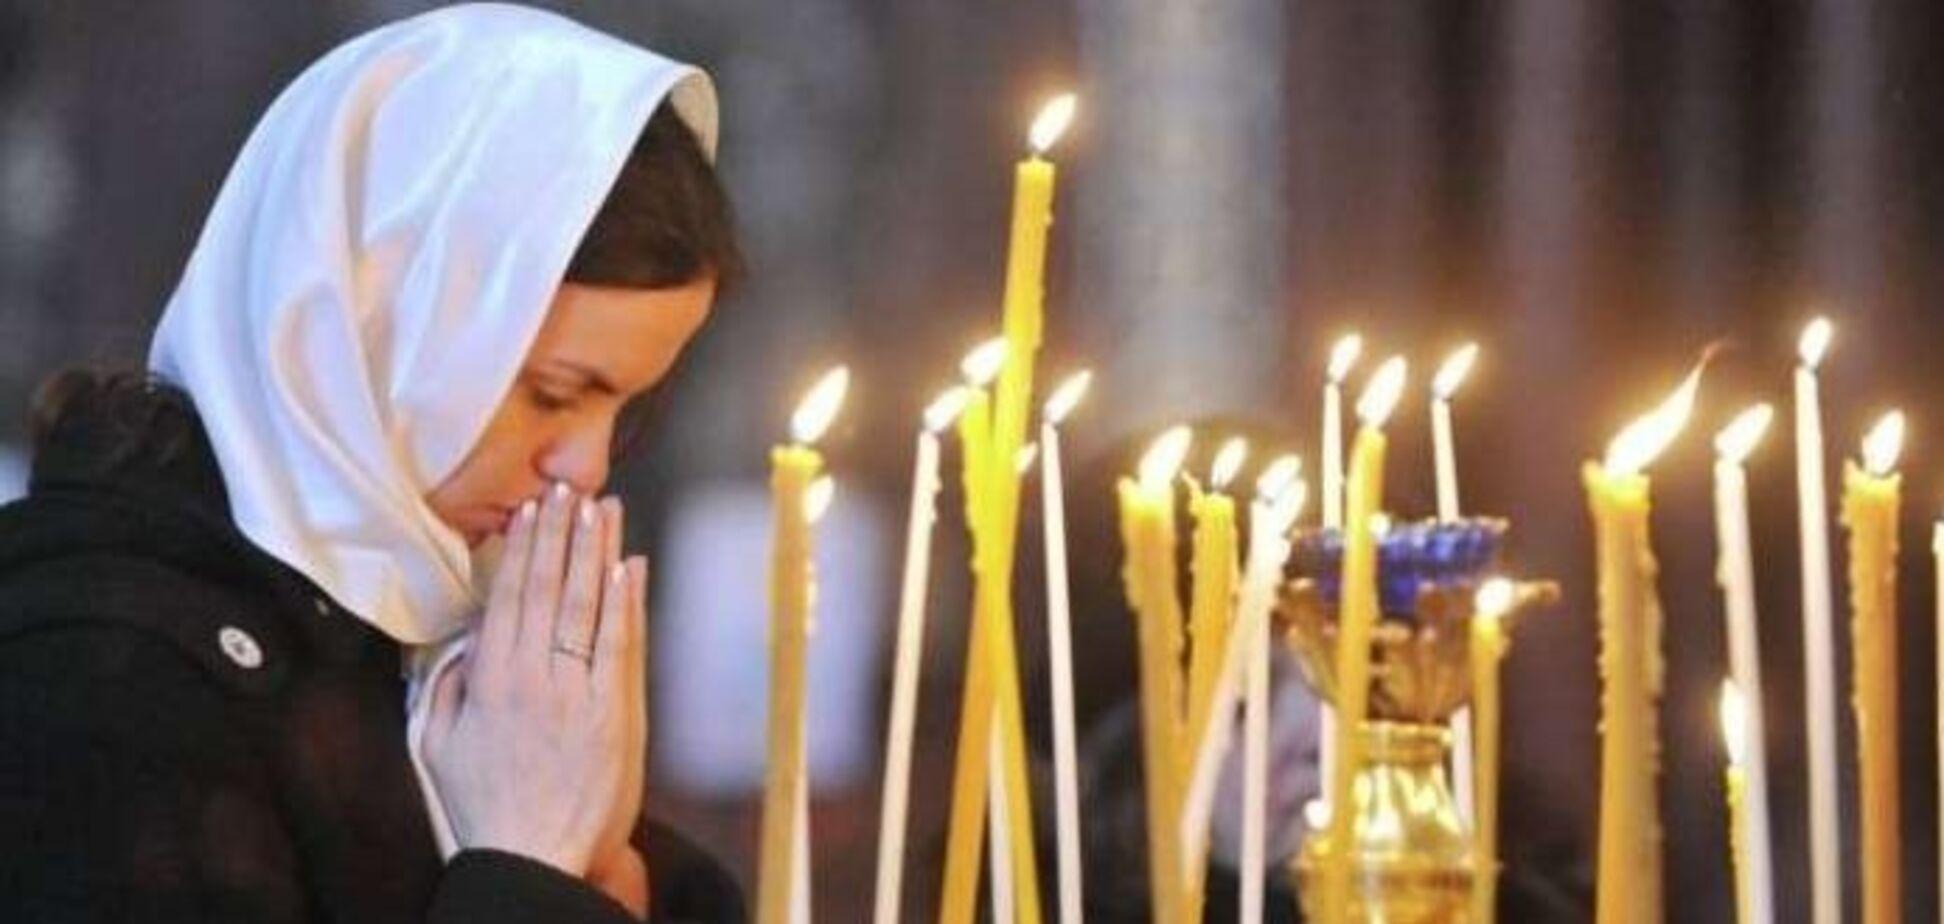 Прощеное воскресенье: как отмечать и что нельзя делать в день перед Великим Постом